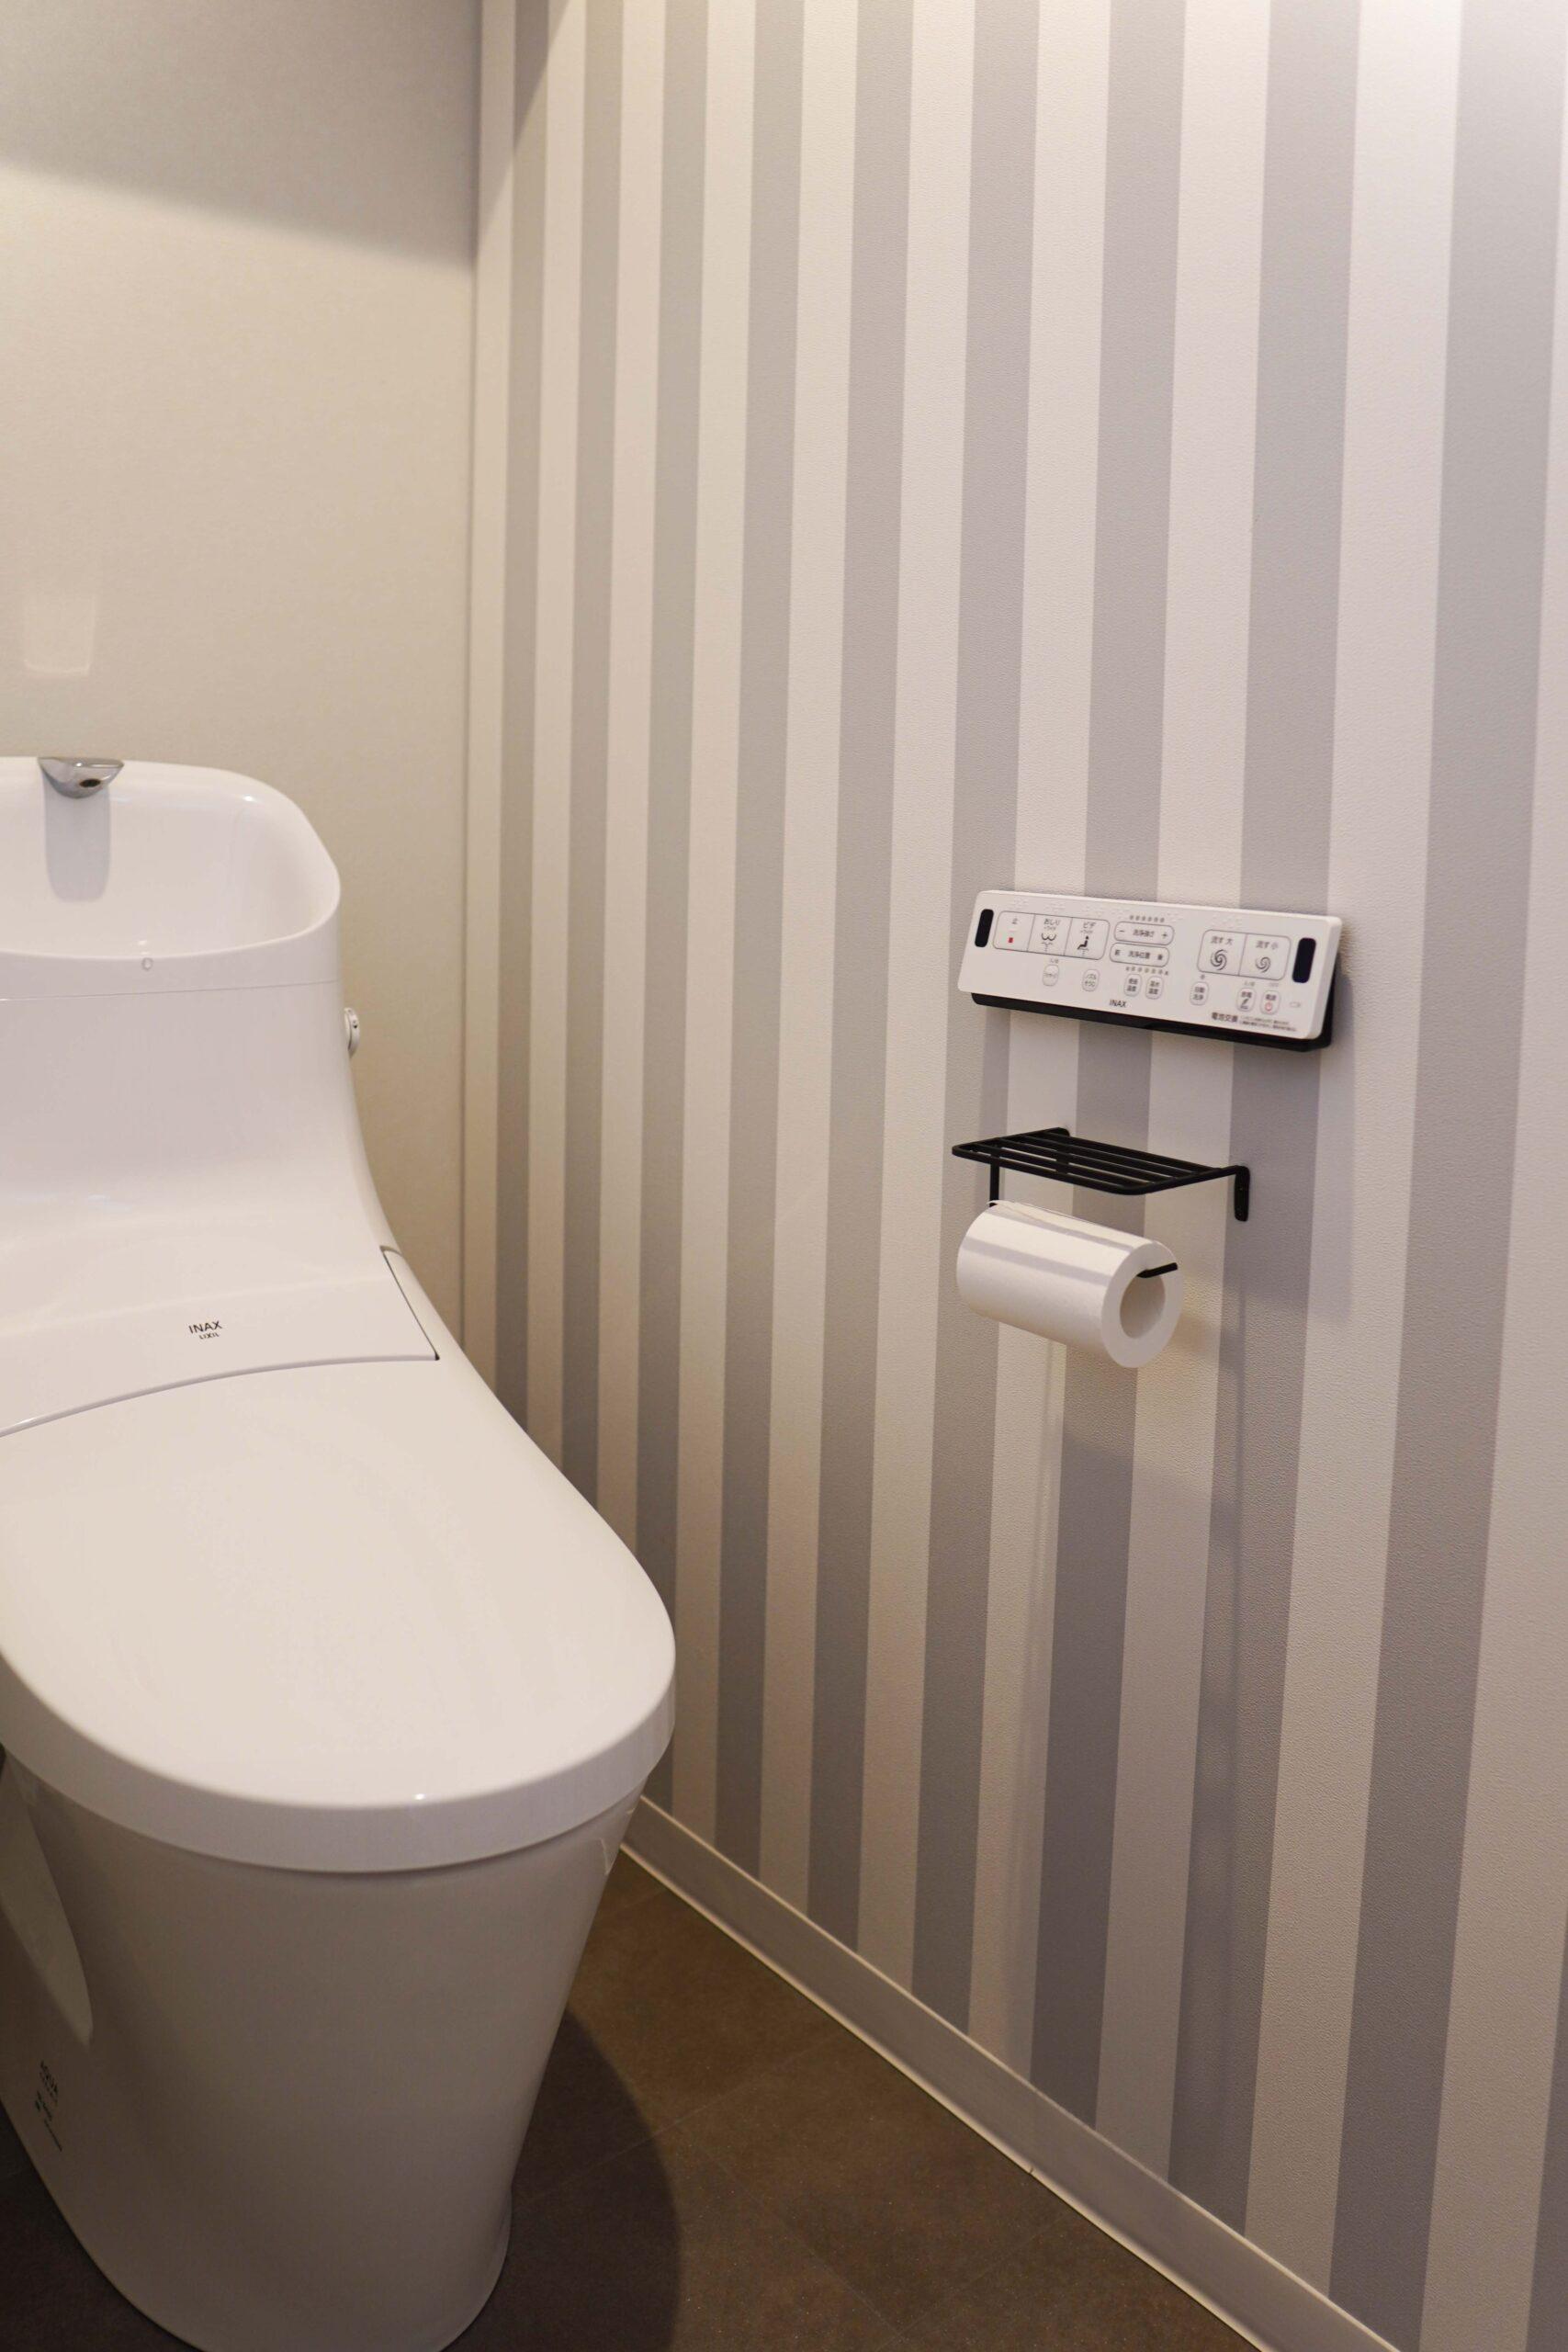 ほかの部屋とは印象の異なる、ポップなストライプ柄のアクセントクロスを採用。